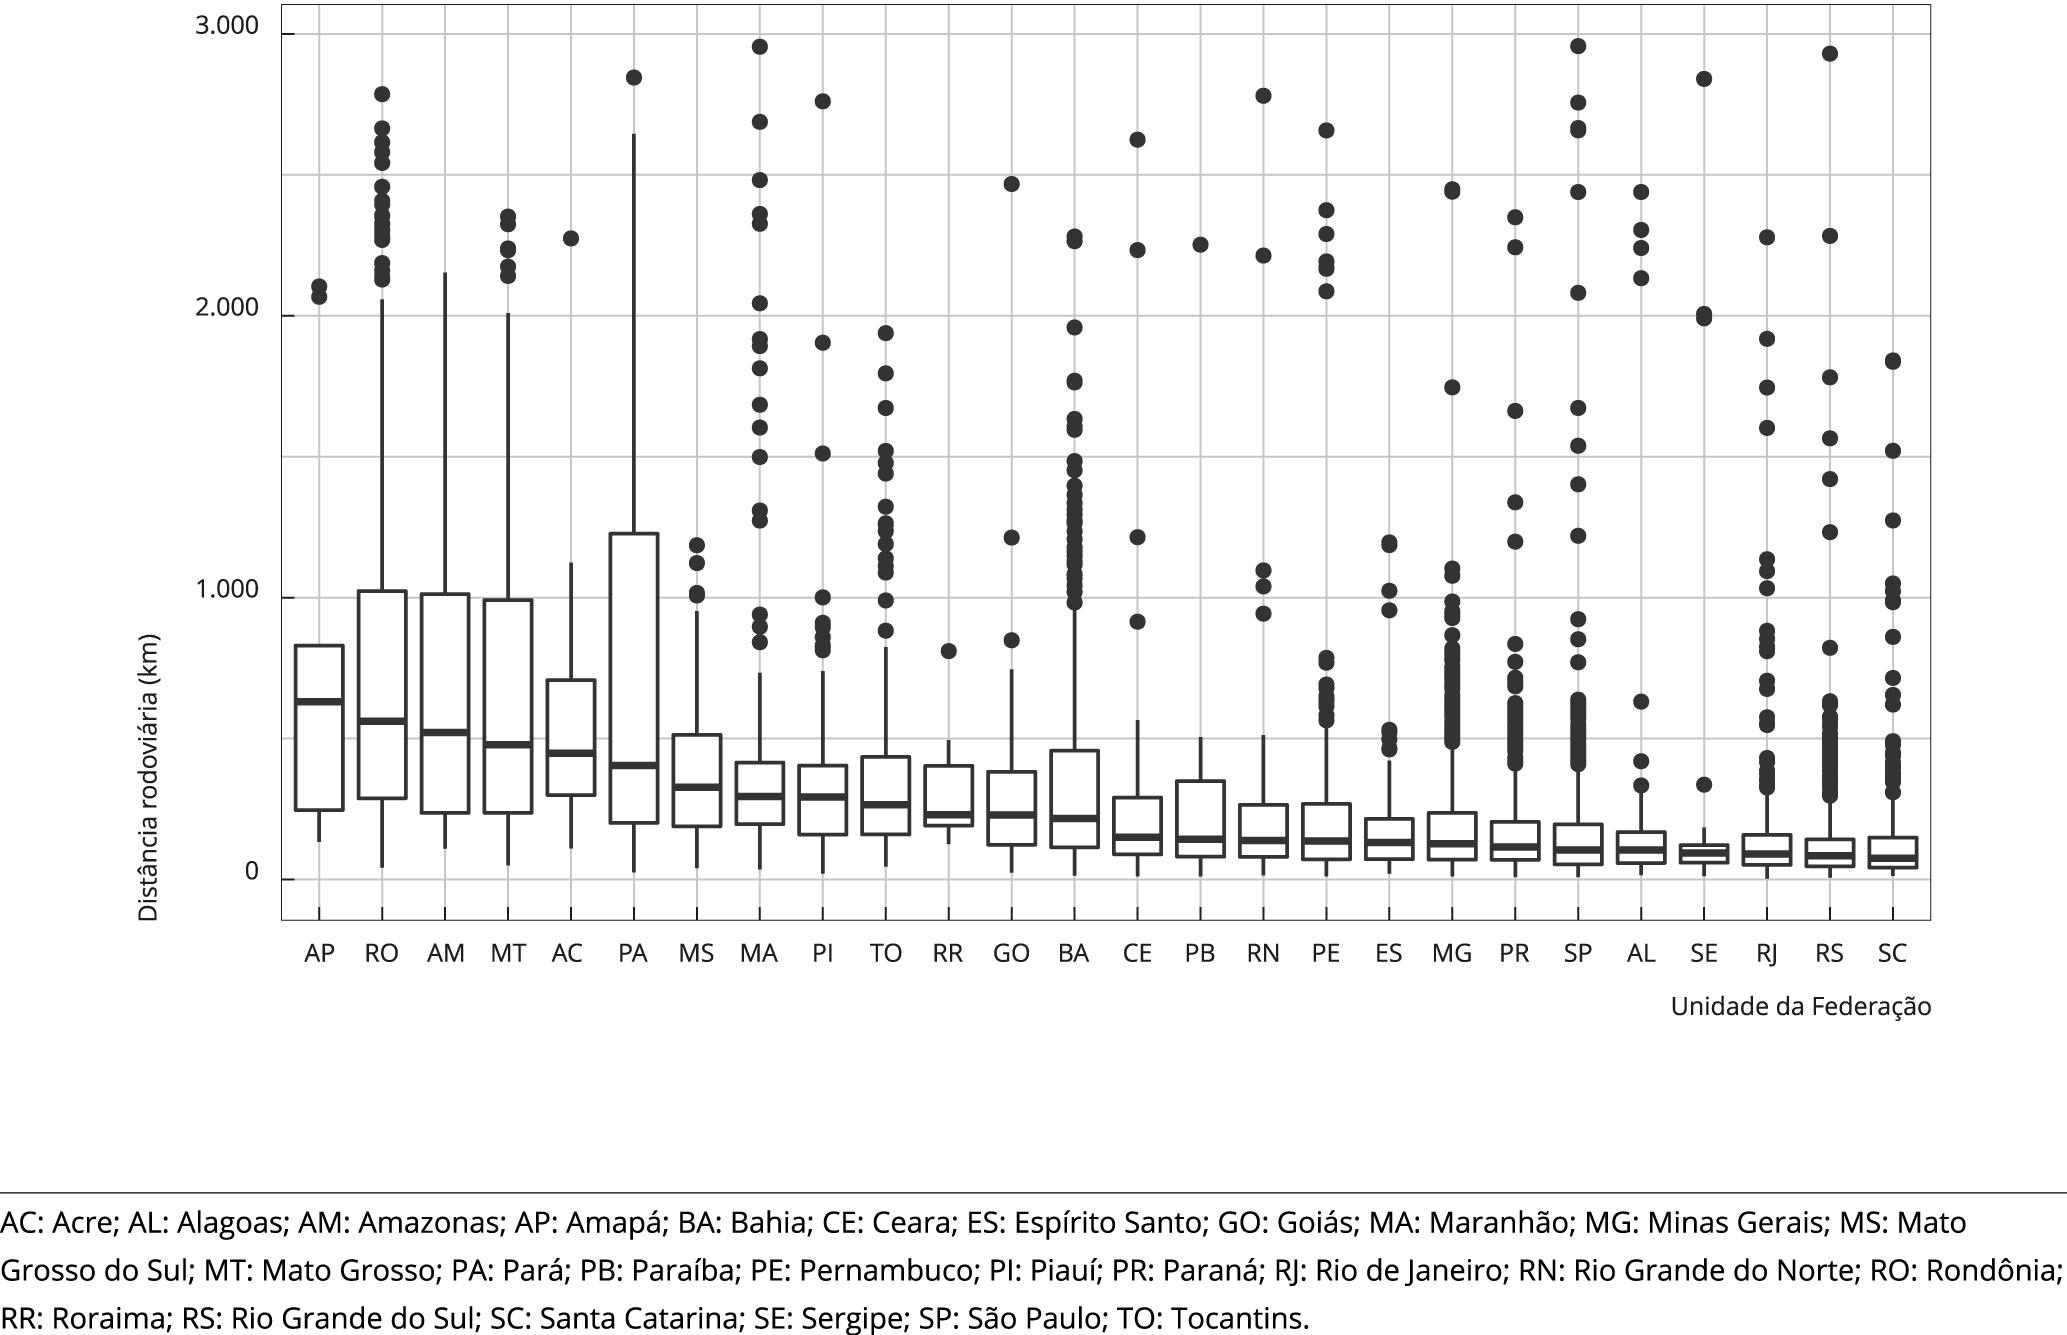 Saúde Pública - Estudo de análise de rede do fluxo de pacientes de